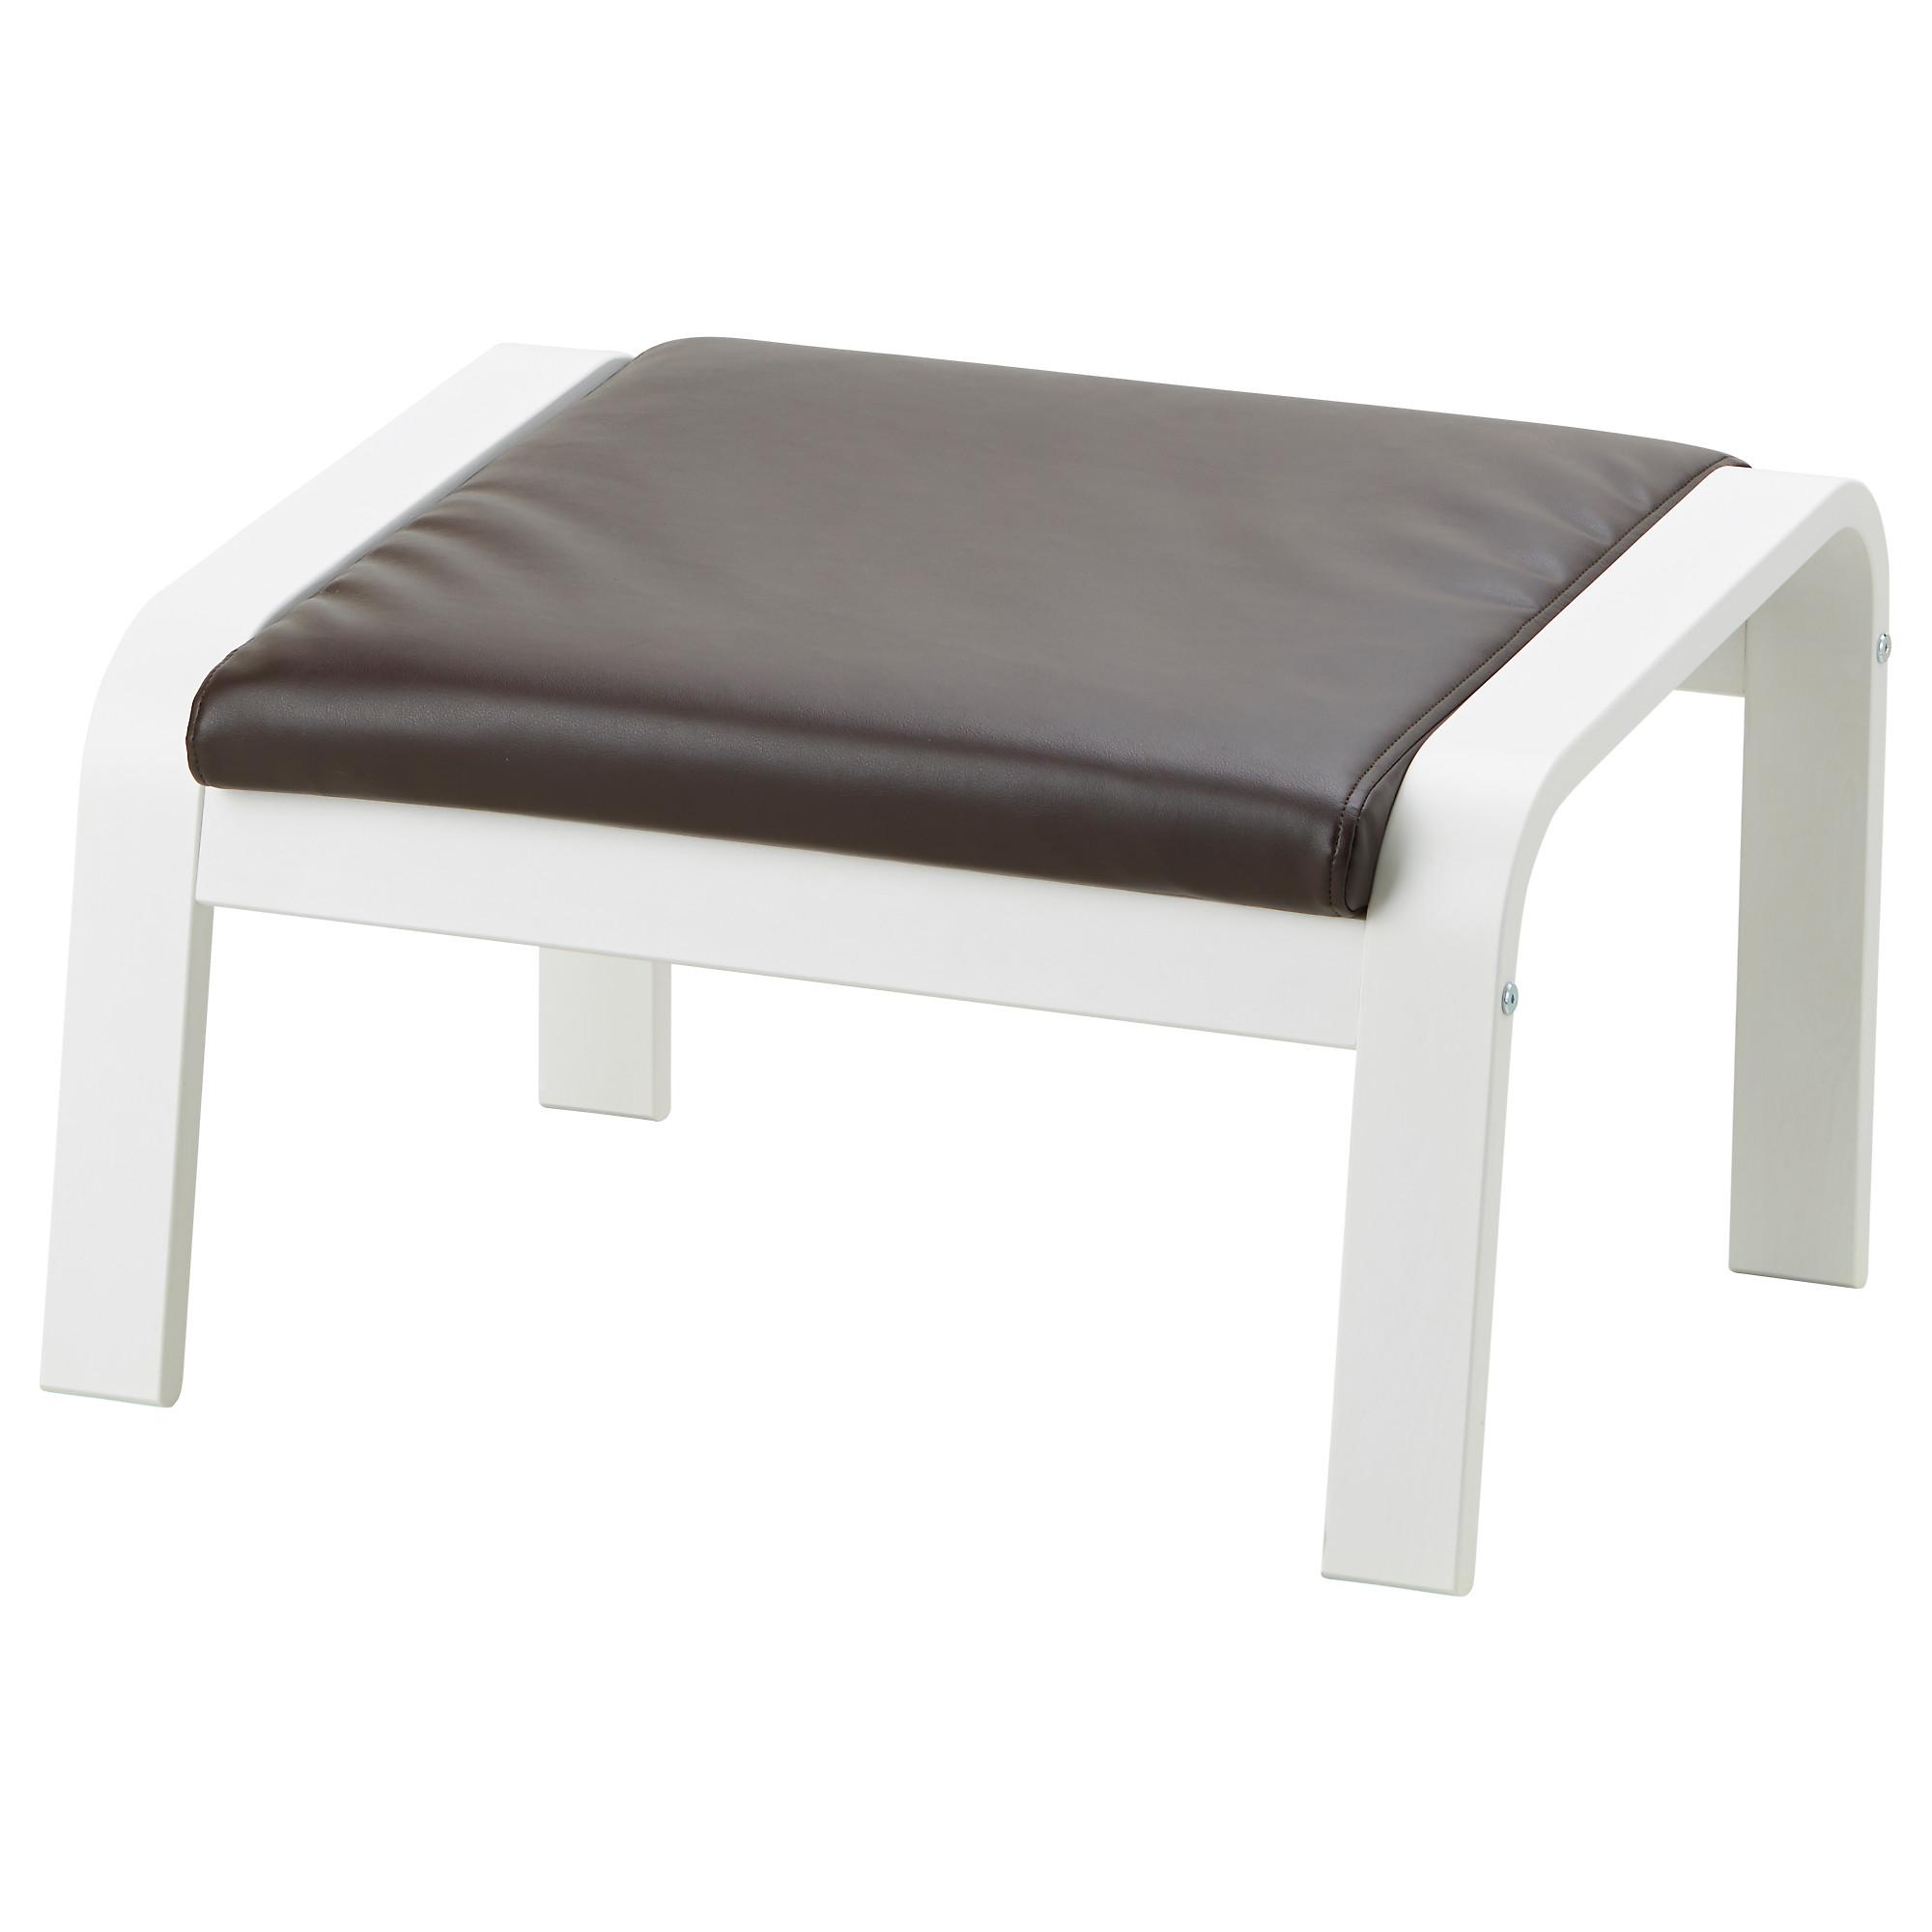 Табурет для ног ПОЭНГ артикуль № 192.956.72 в наличии. Online сайт IKEA РБ. Недорогая доставка и монтаж.